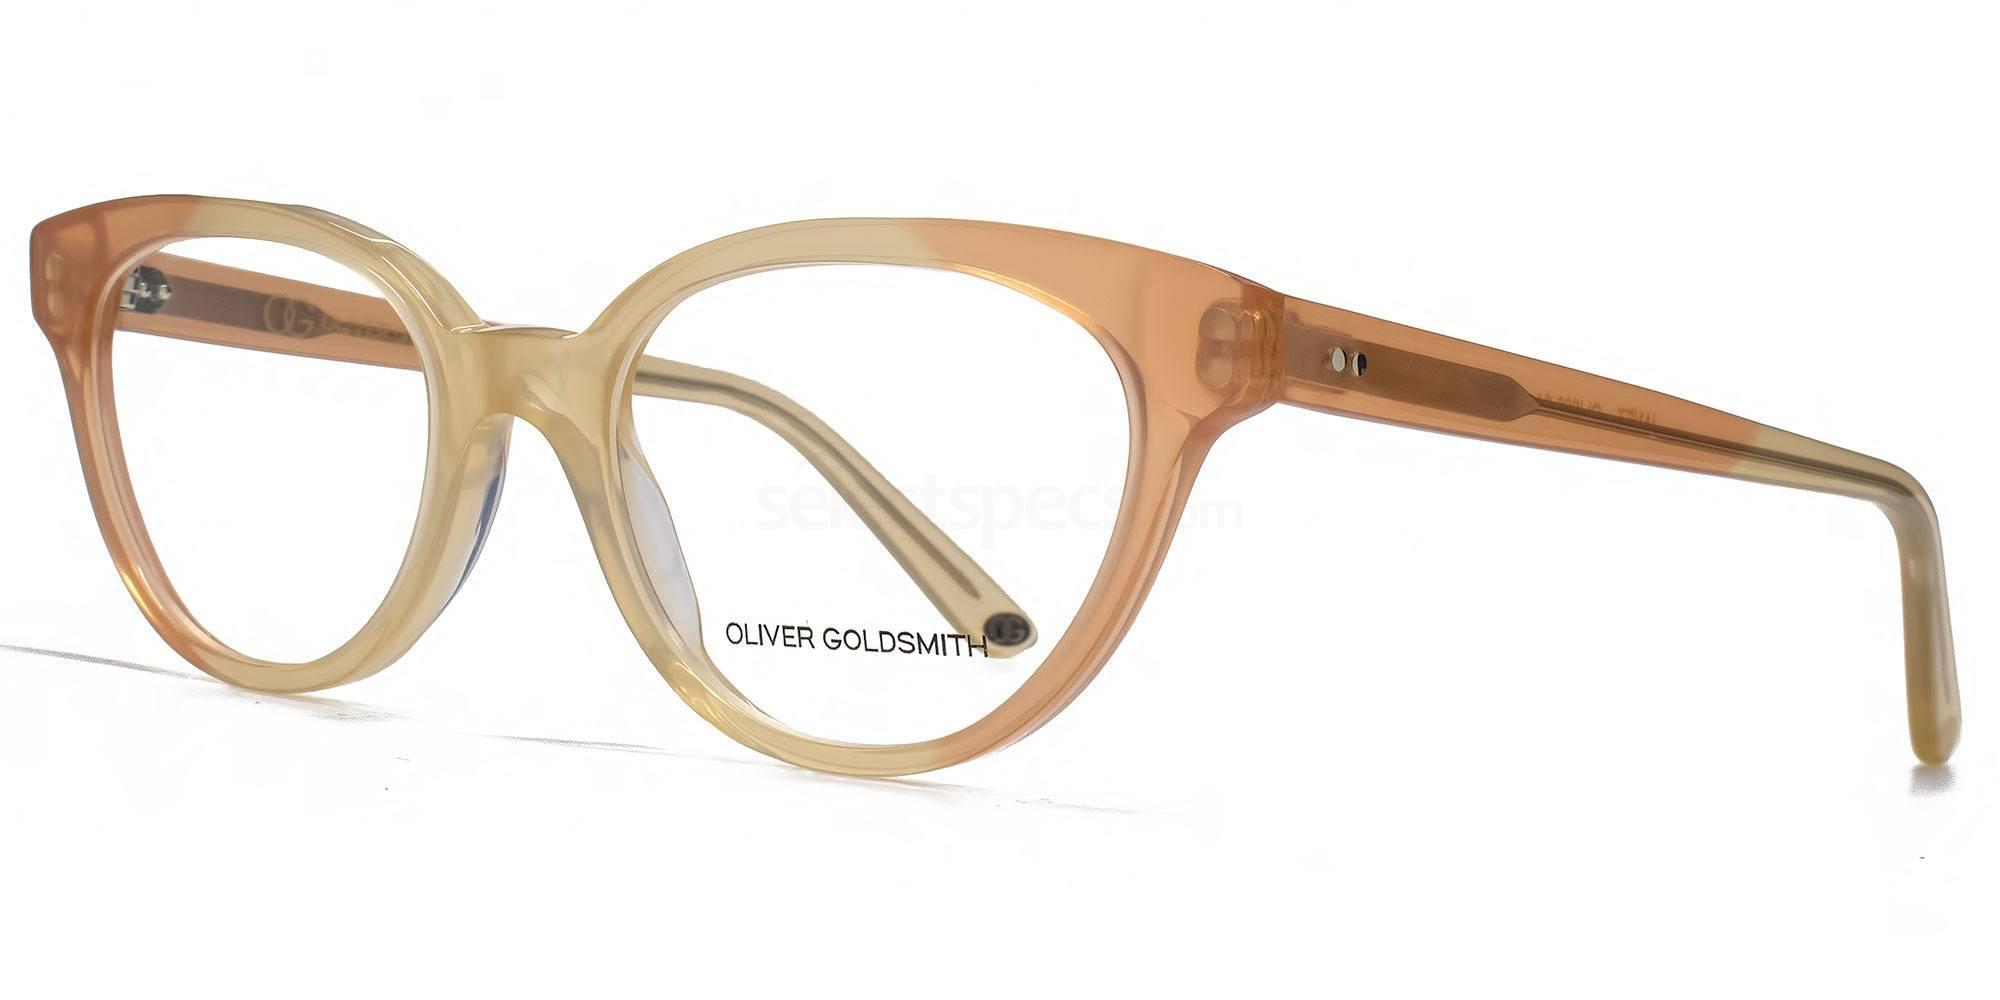 Oliver Goldsmith OLI020 - JANET